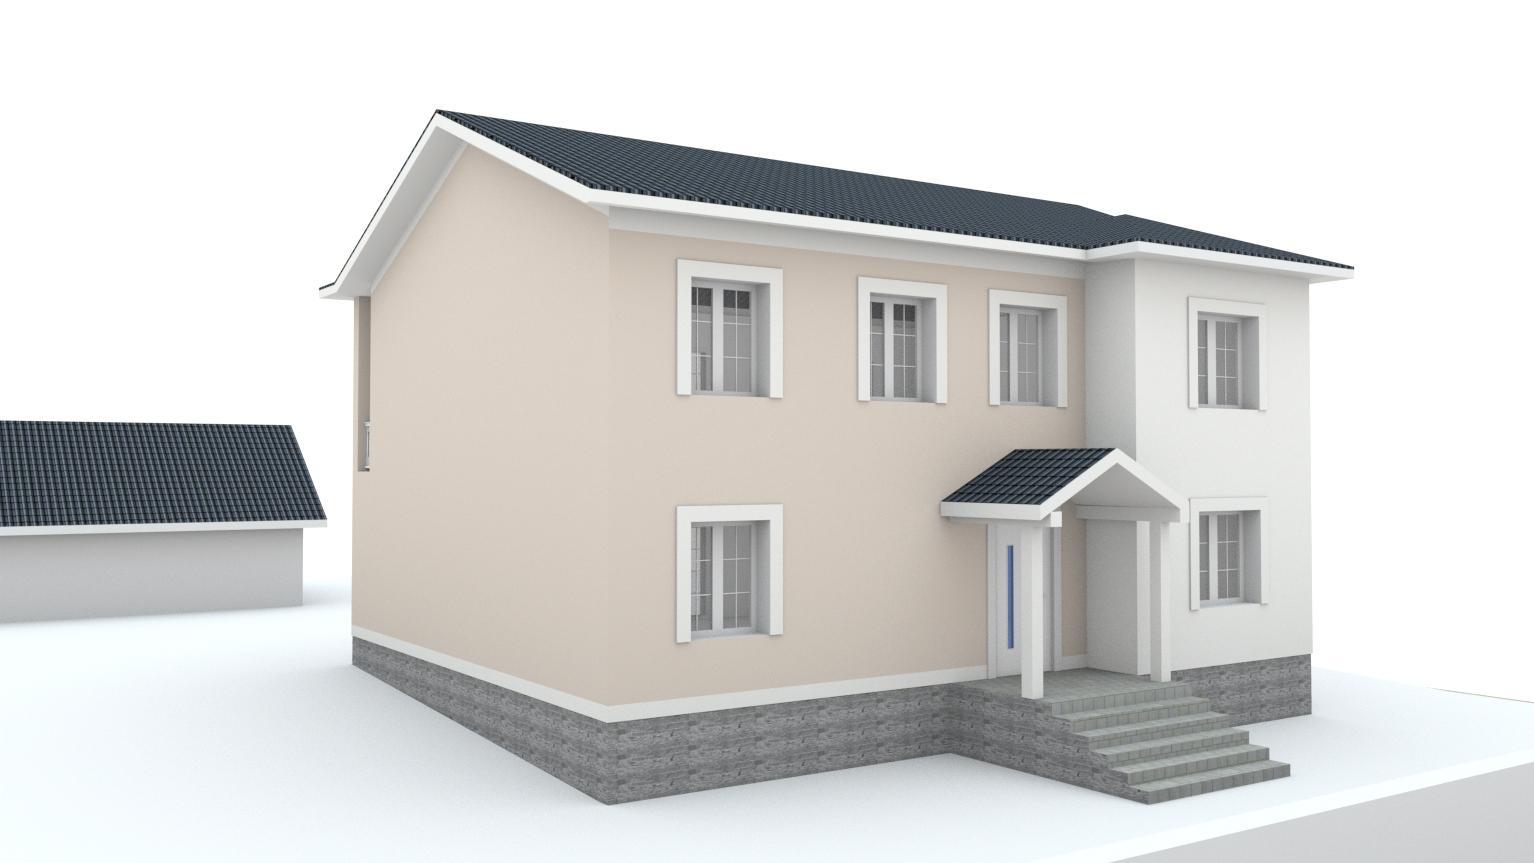 Návrh fasády rodinného domu Bratislava - Obrázok č. 9